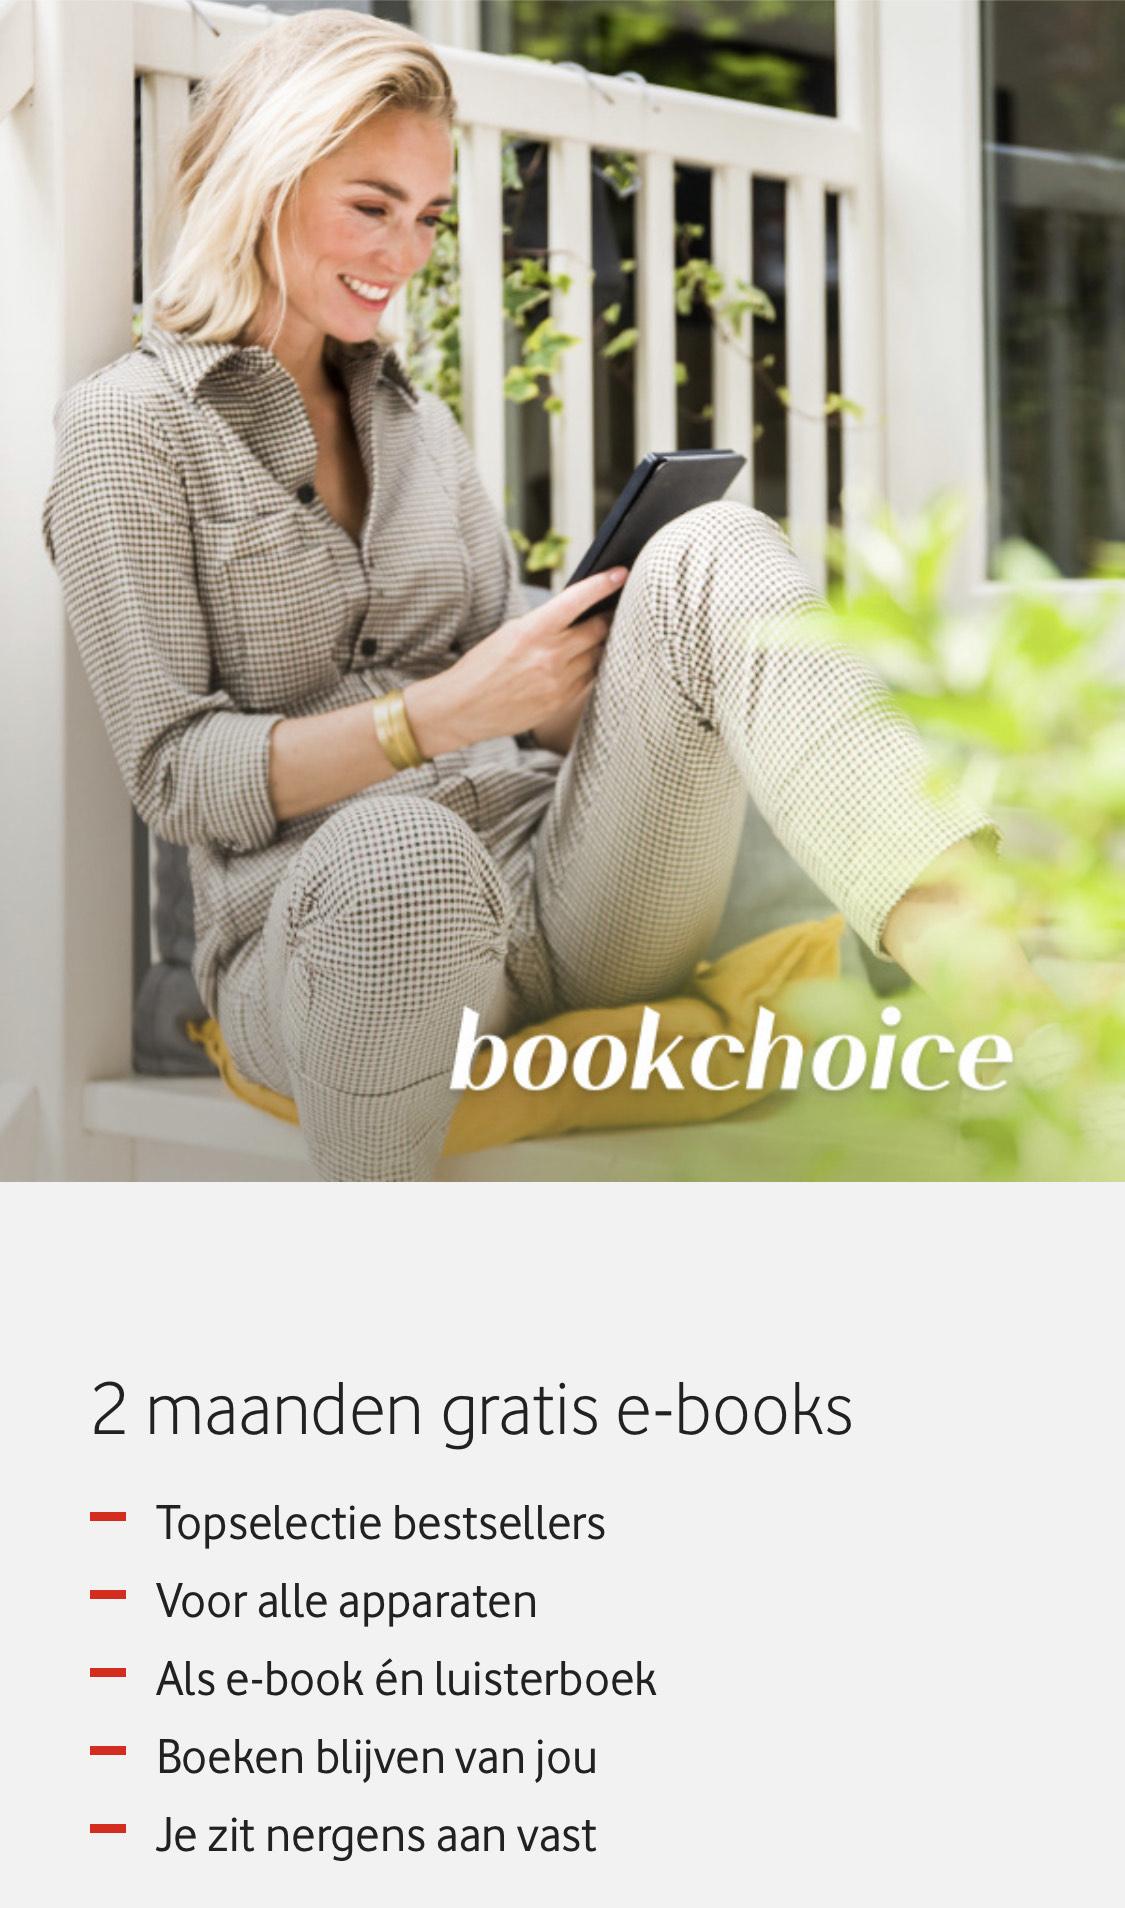 Twee maanden gratis Bookchoice als Vodafone klant